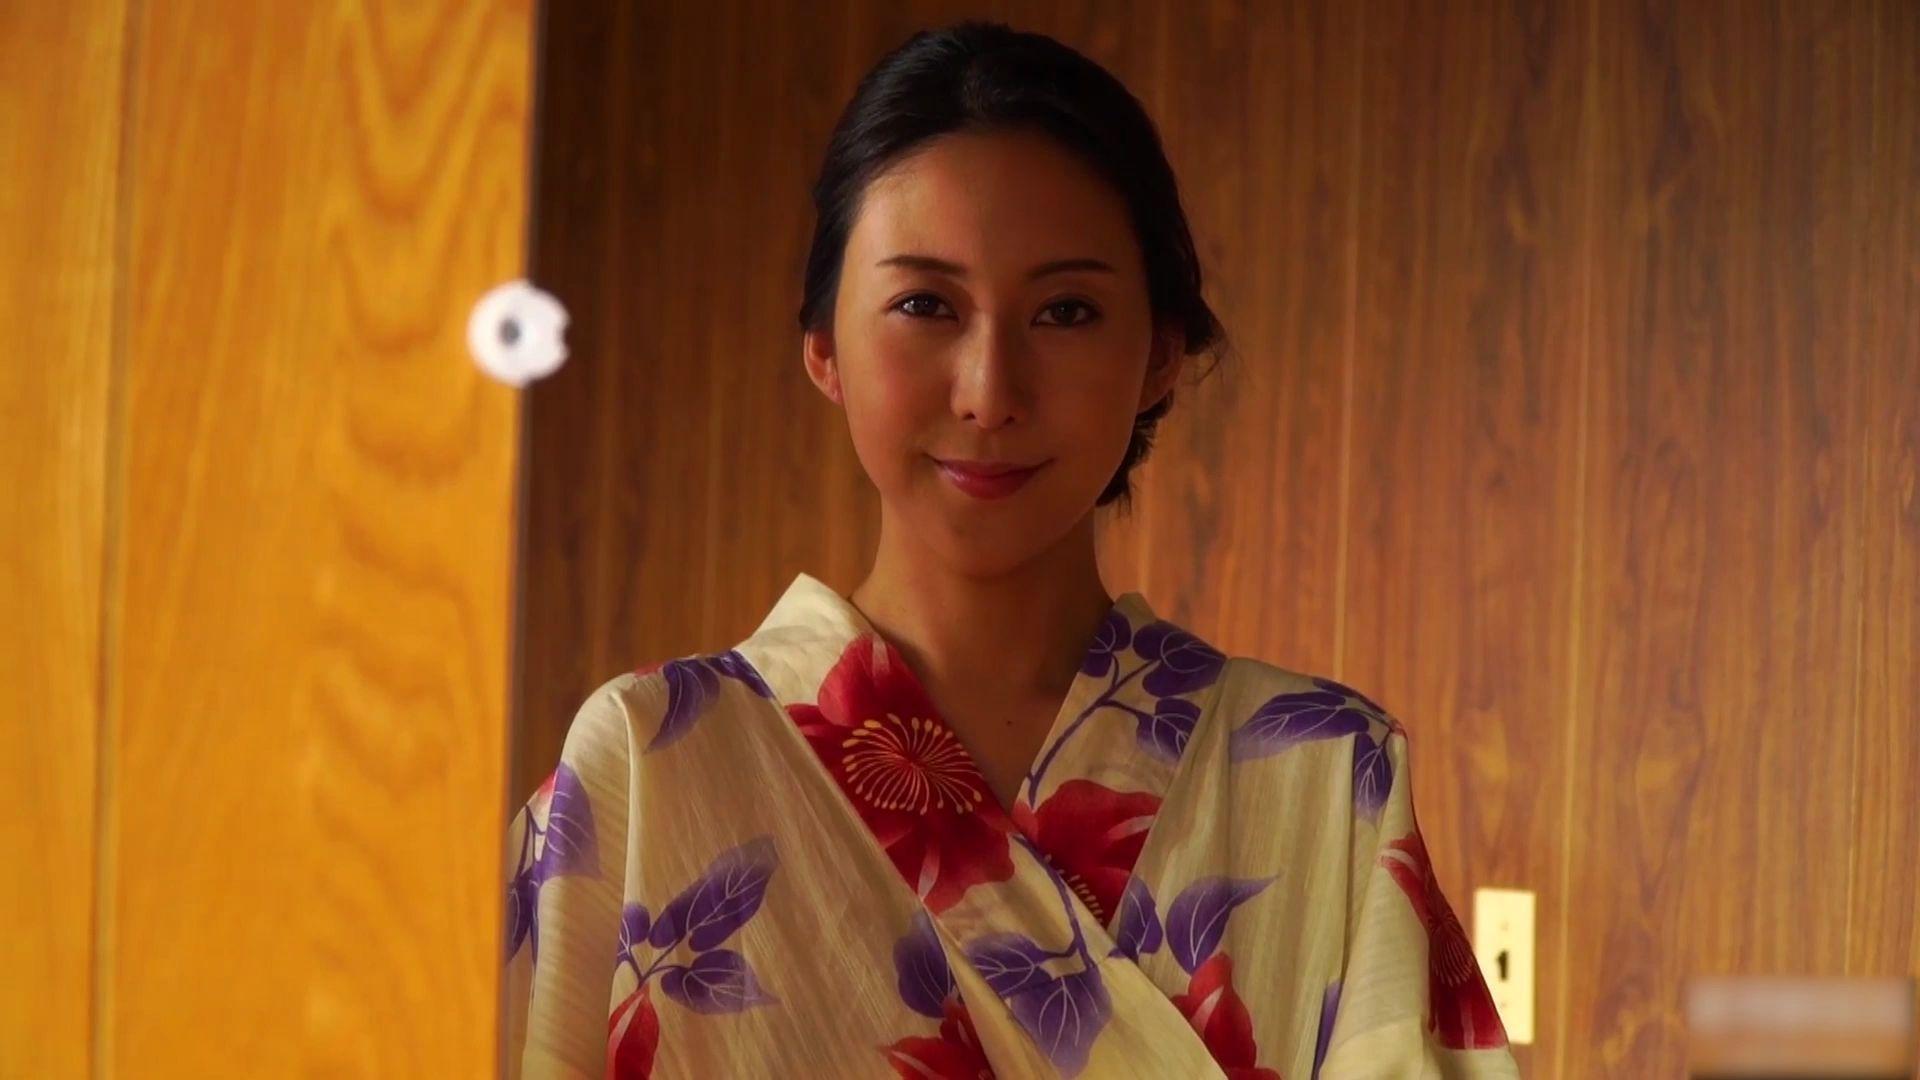 【写真】气质熟女松下纱荣子